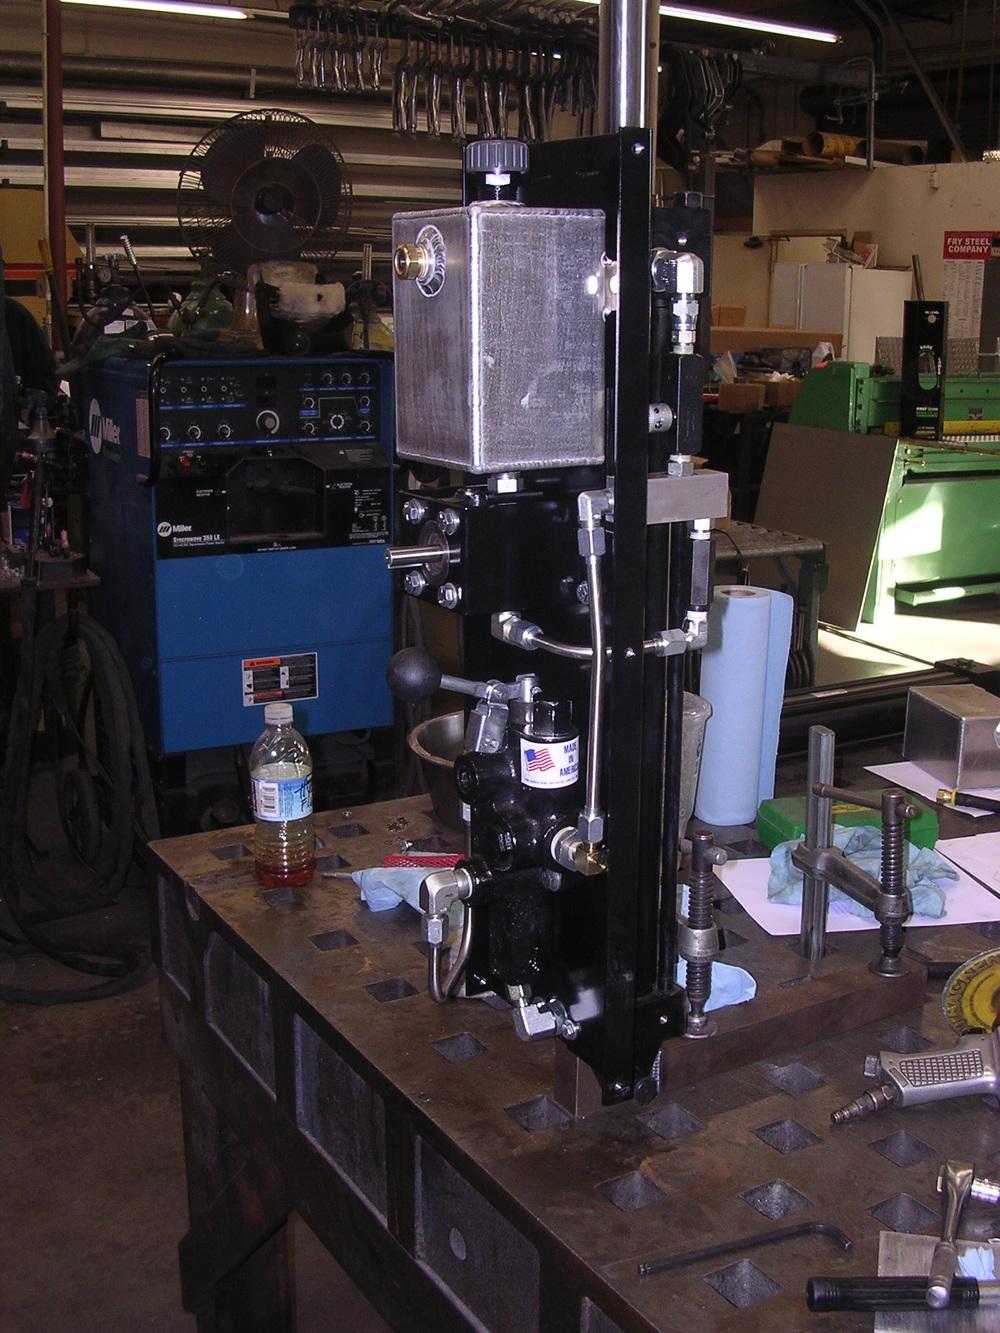 Hydraulic unit in the shop